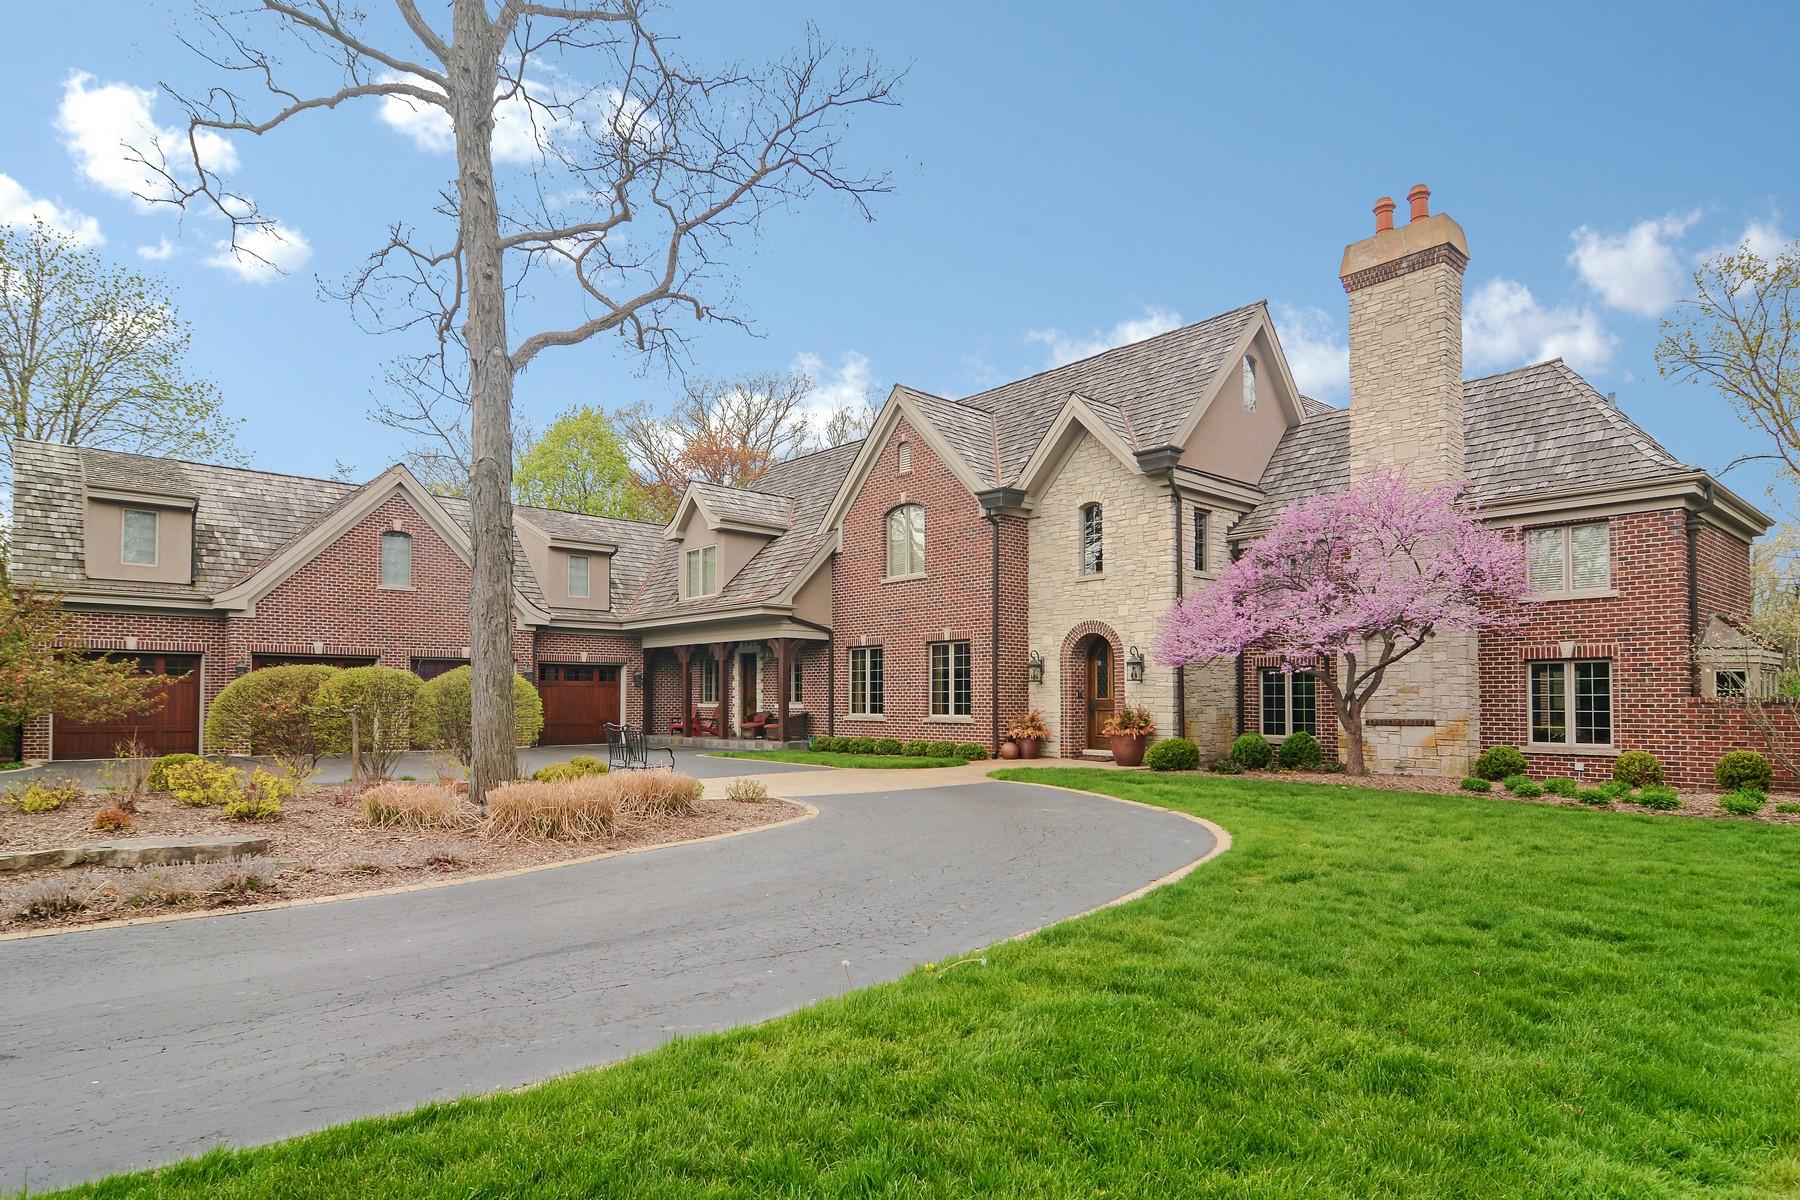 独户住宅 为 销售 在 Multi-Generation Retreat 1720 Sunset Lane 班诺克本, 伊利诺斯州, 60015 美国